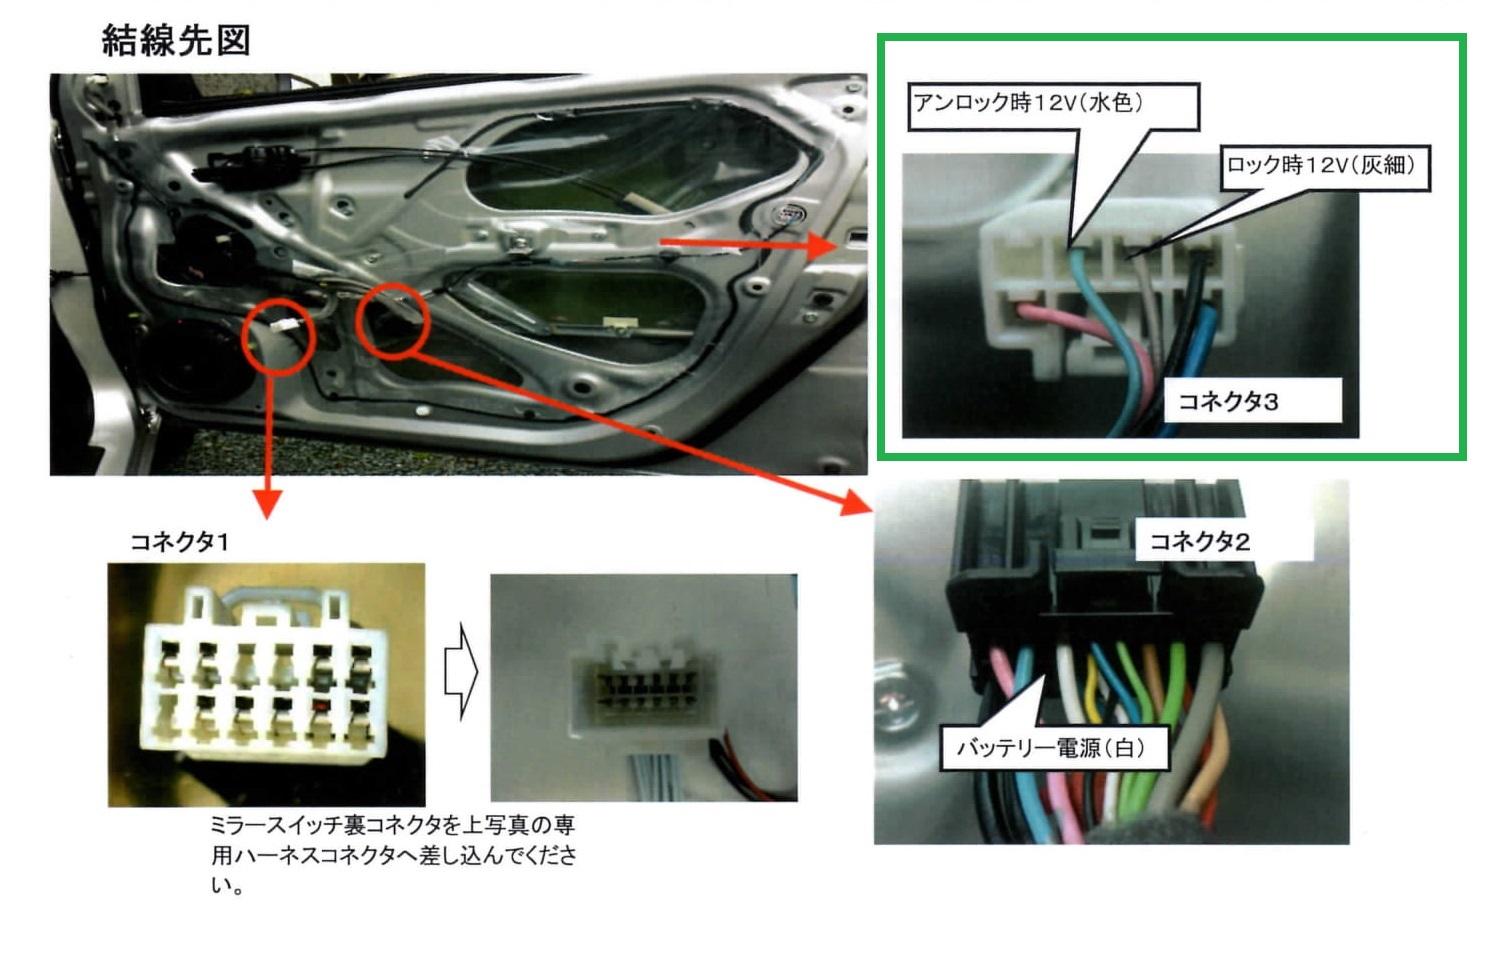 ドアミラー自動格納装置修正